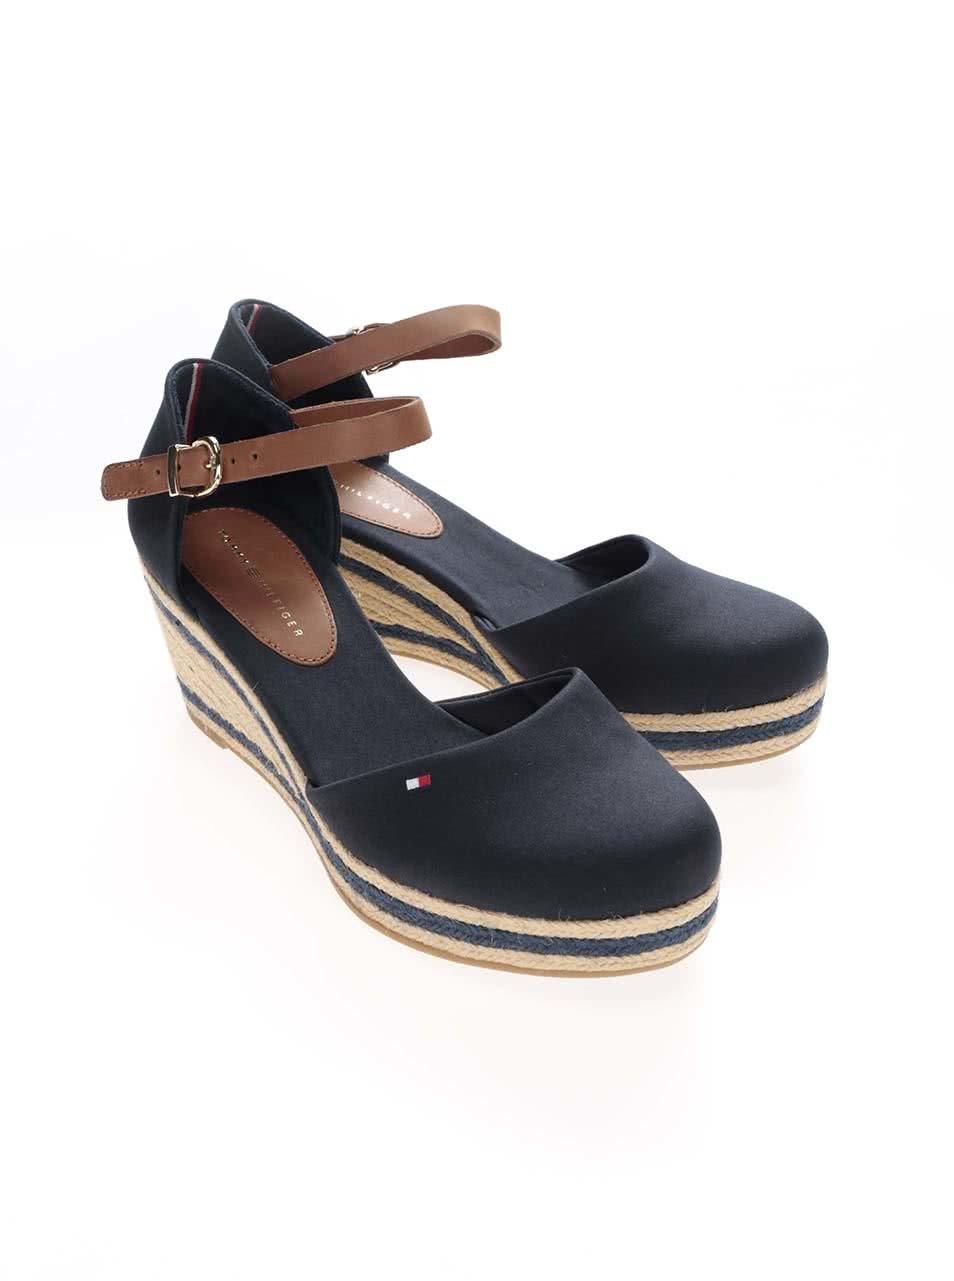 Tmavě modré dámské bavlněné boty na klínku Tommy Hilfiger ... 549387331f